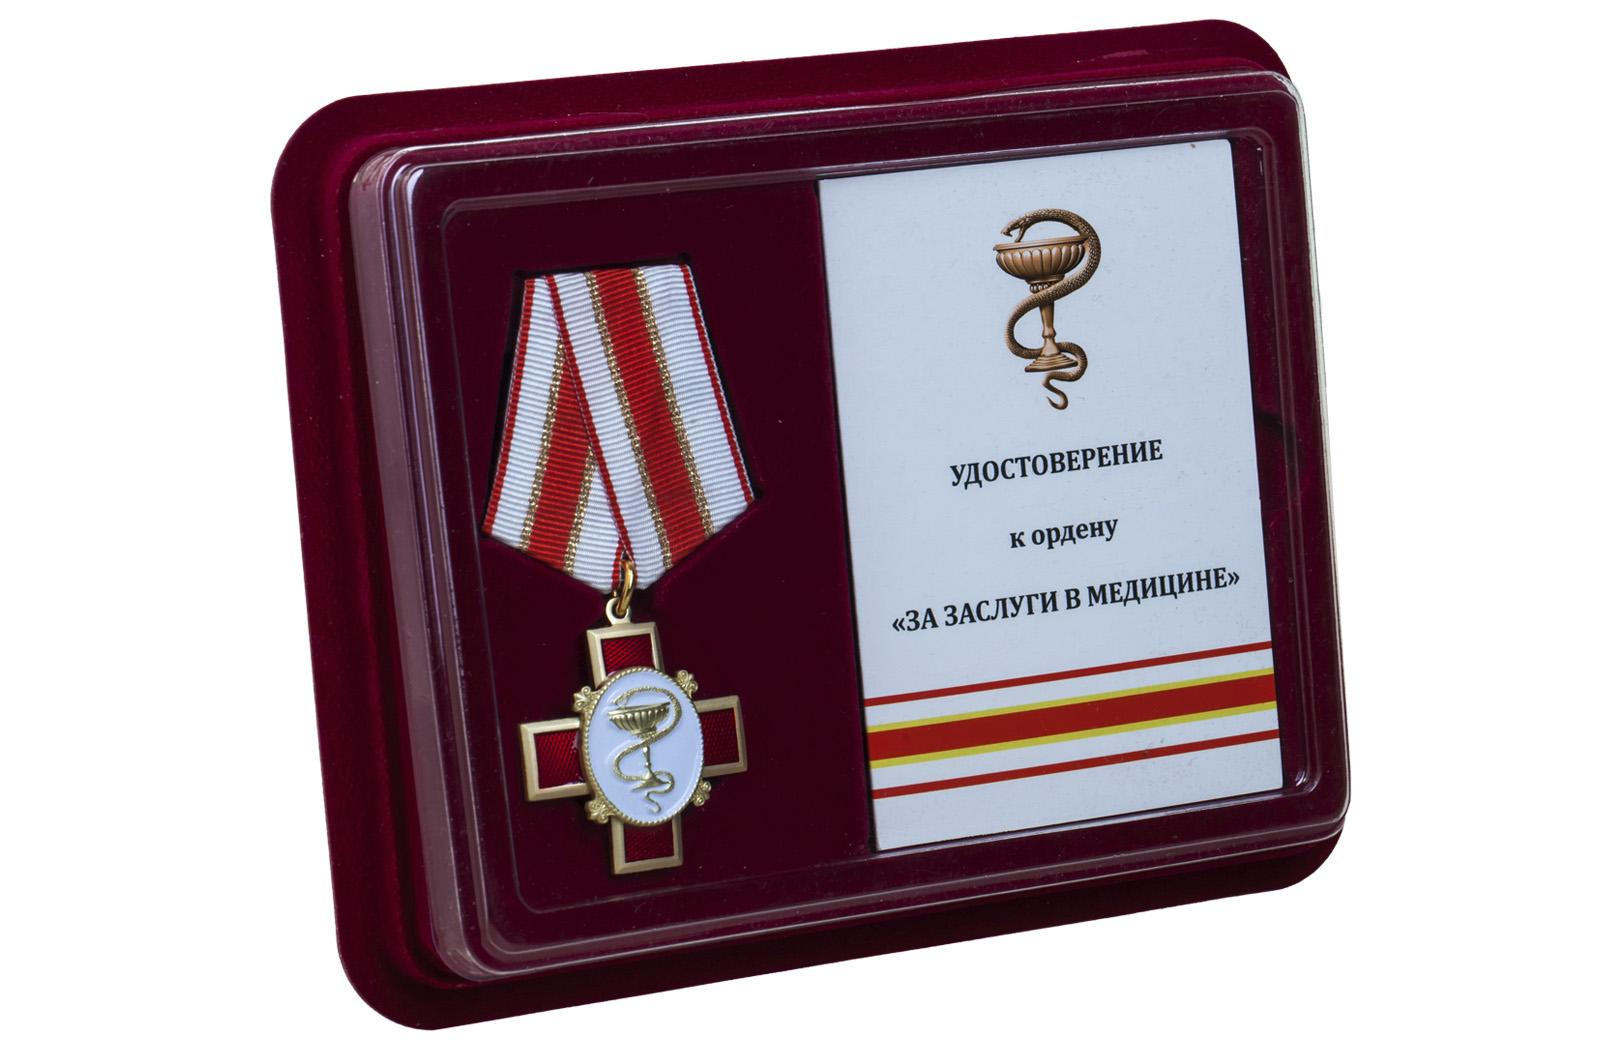 Купить памятную медаль За заслуги в медицине оптом выгодно